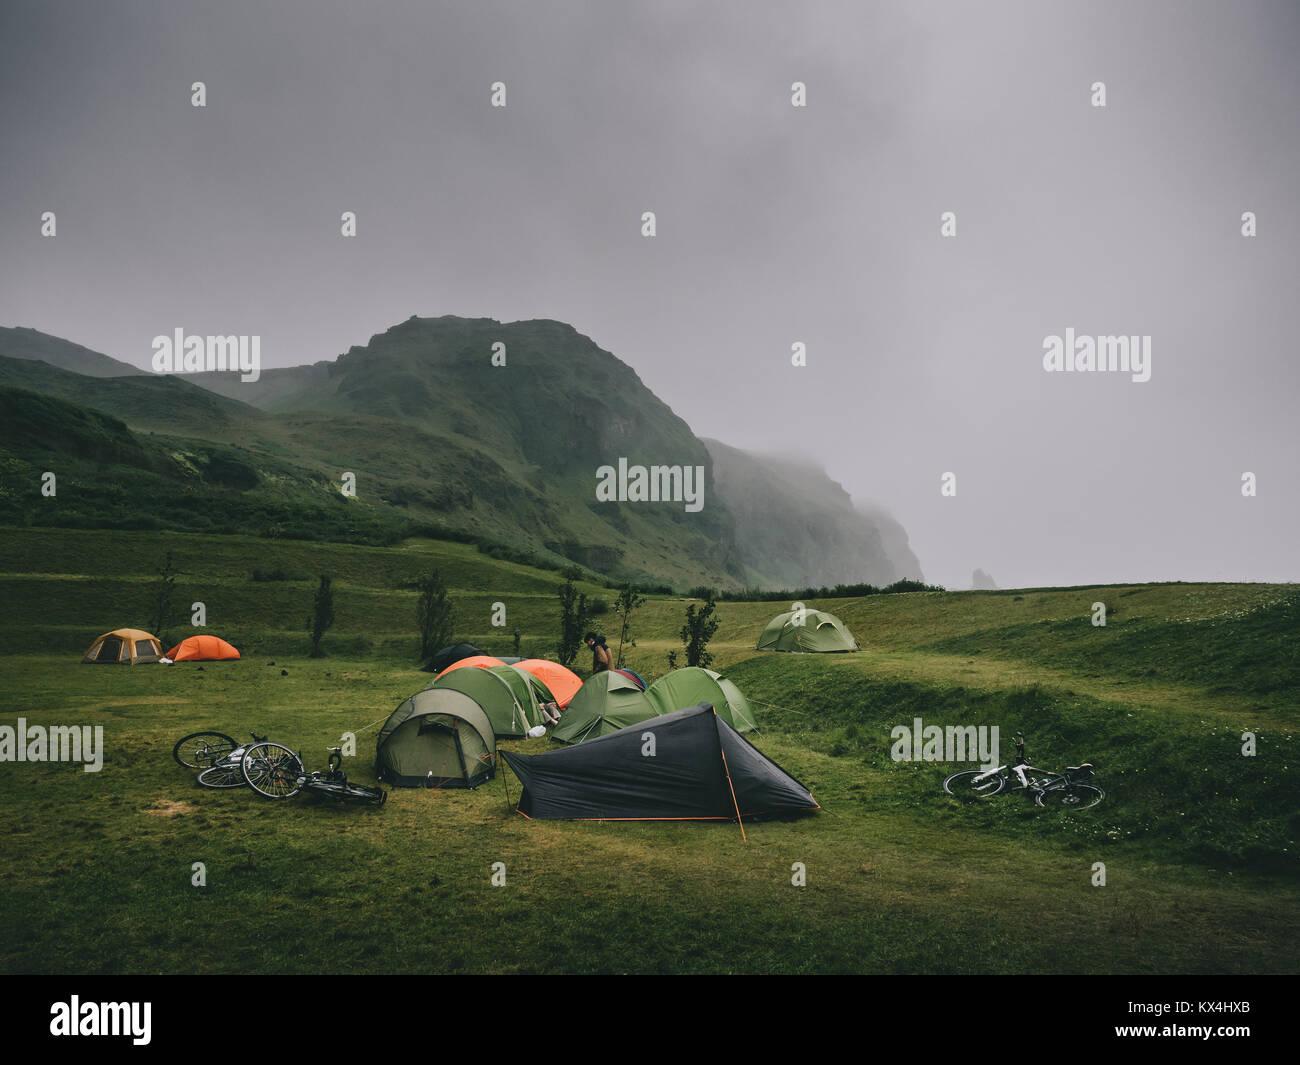 Herrliche Landschaft mit Bergen und zelten auf dem Campingplatz, Island Stockbild